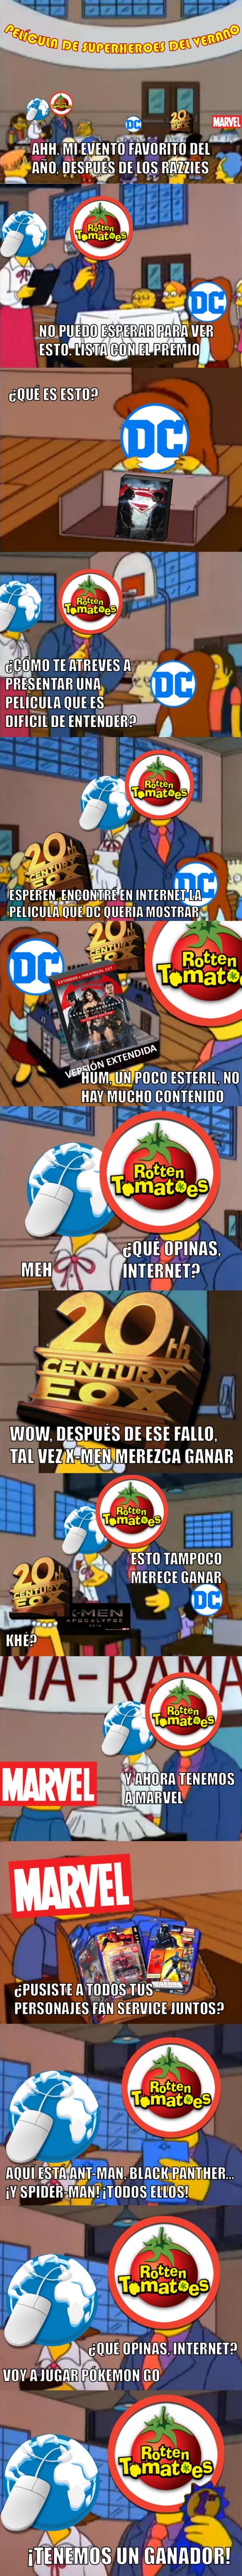 Meme_otros - Concurso de películas